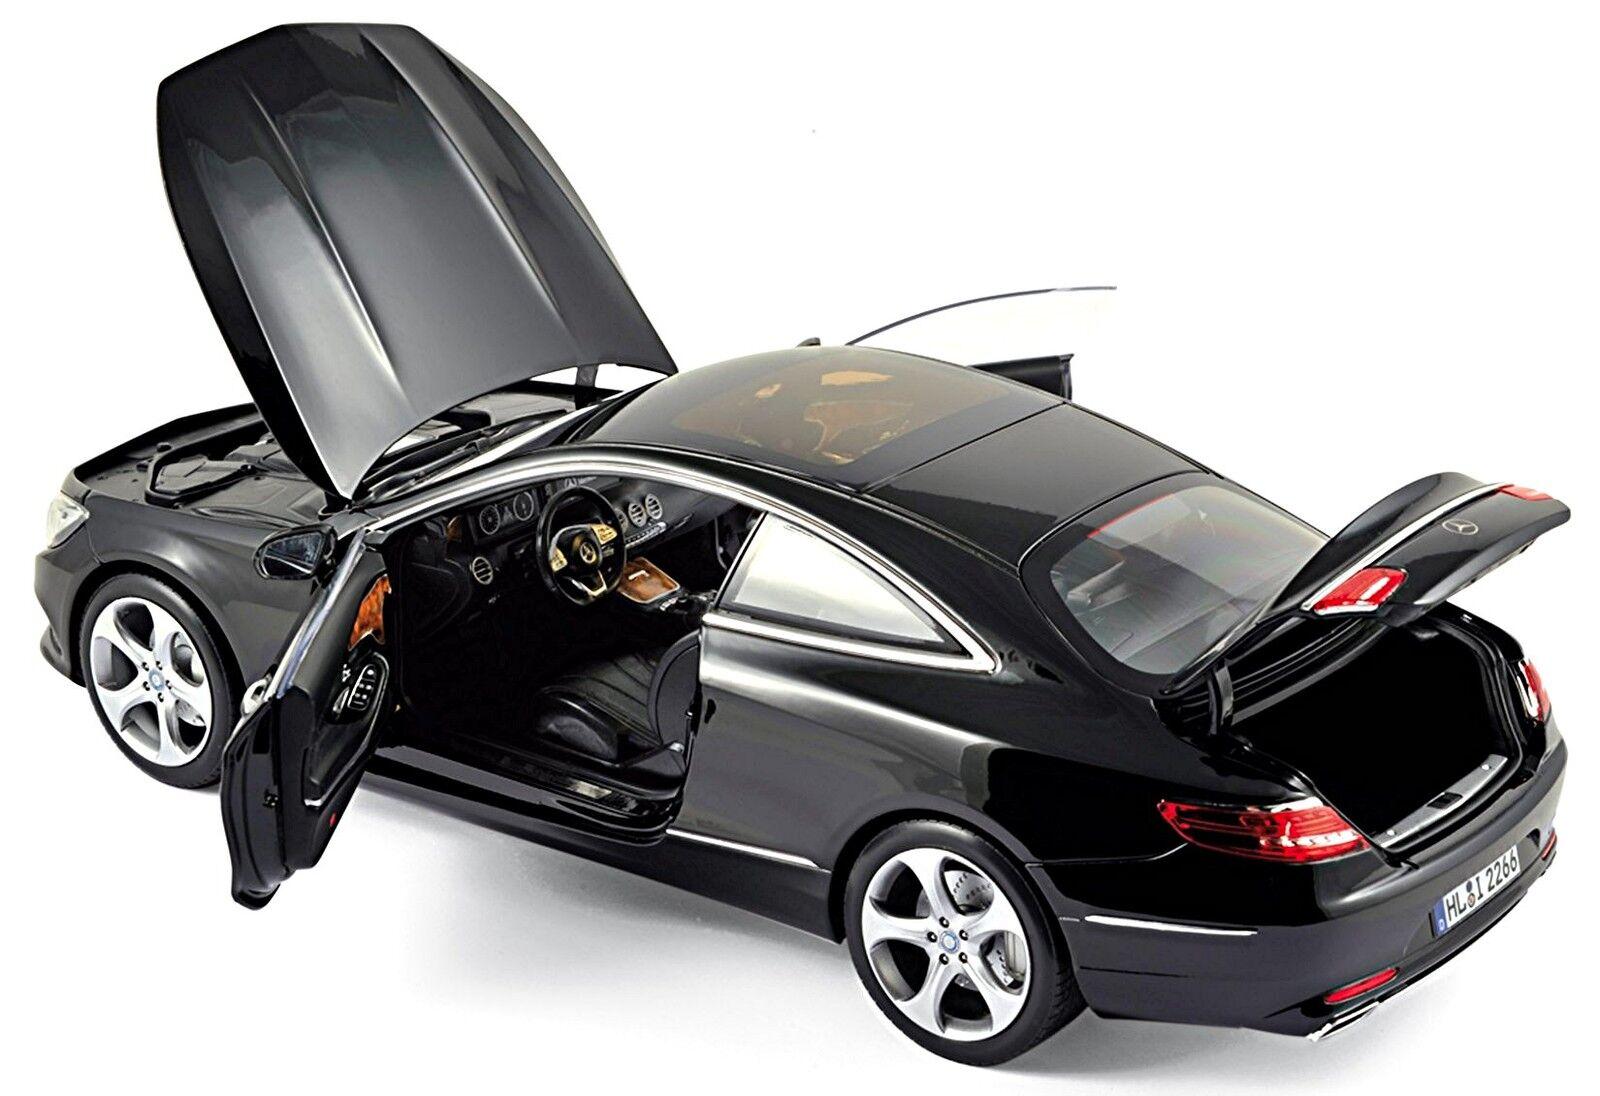 Mercedes Benz S Coup 65533; (grensle5533; S -KLASS C 217 2014 -16 svkonst svkonst 1 18 Norev)